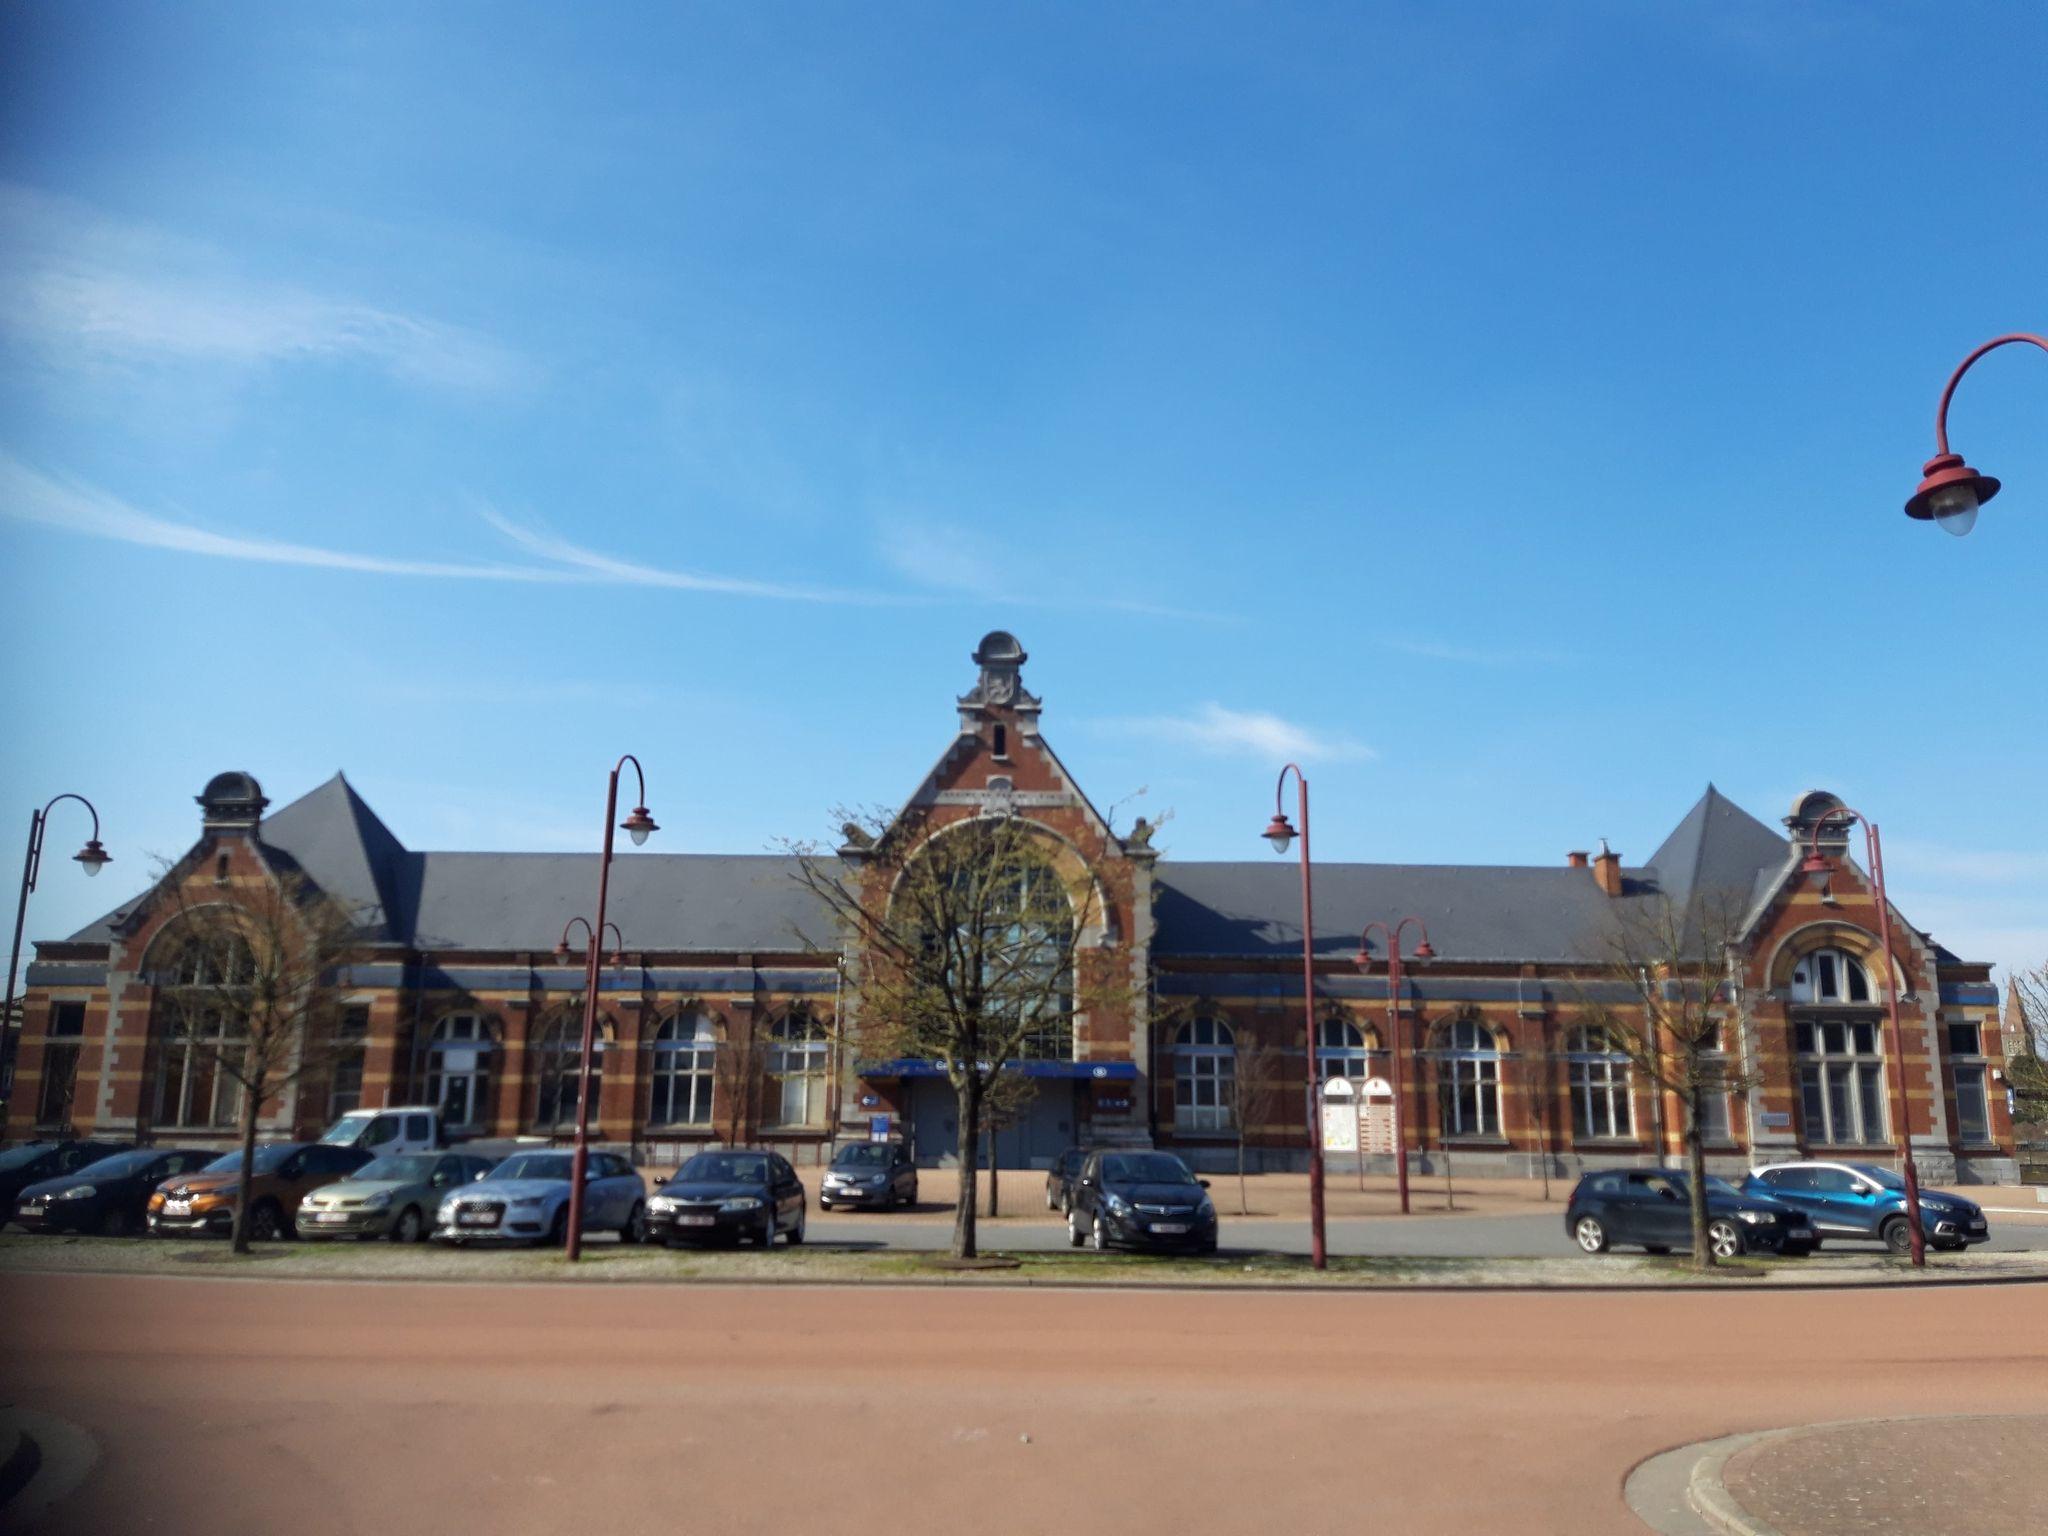 Gare de Châtelet - Jean-Claude Tissier (Conseiller communal Droite Populaire) a ainsi proposé d'offrir une seconde vie au bâtiment de la gare de Châtelet